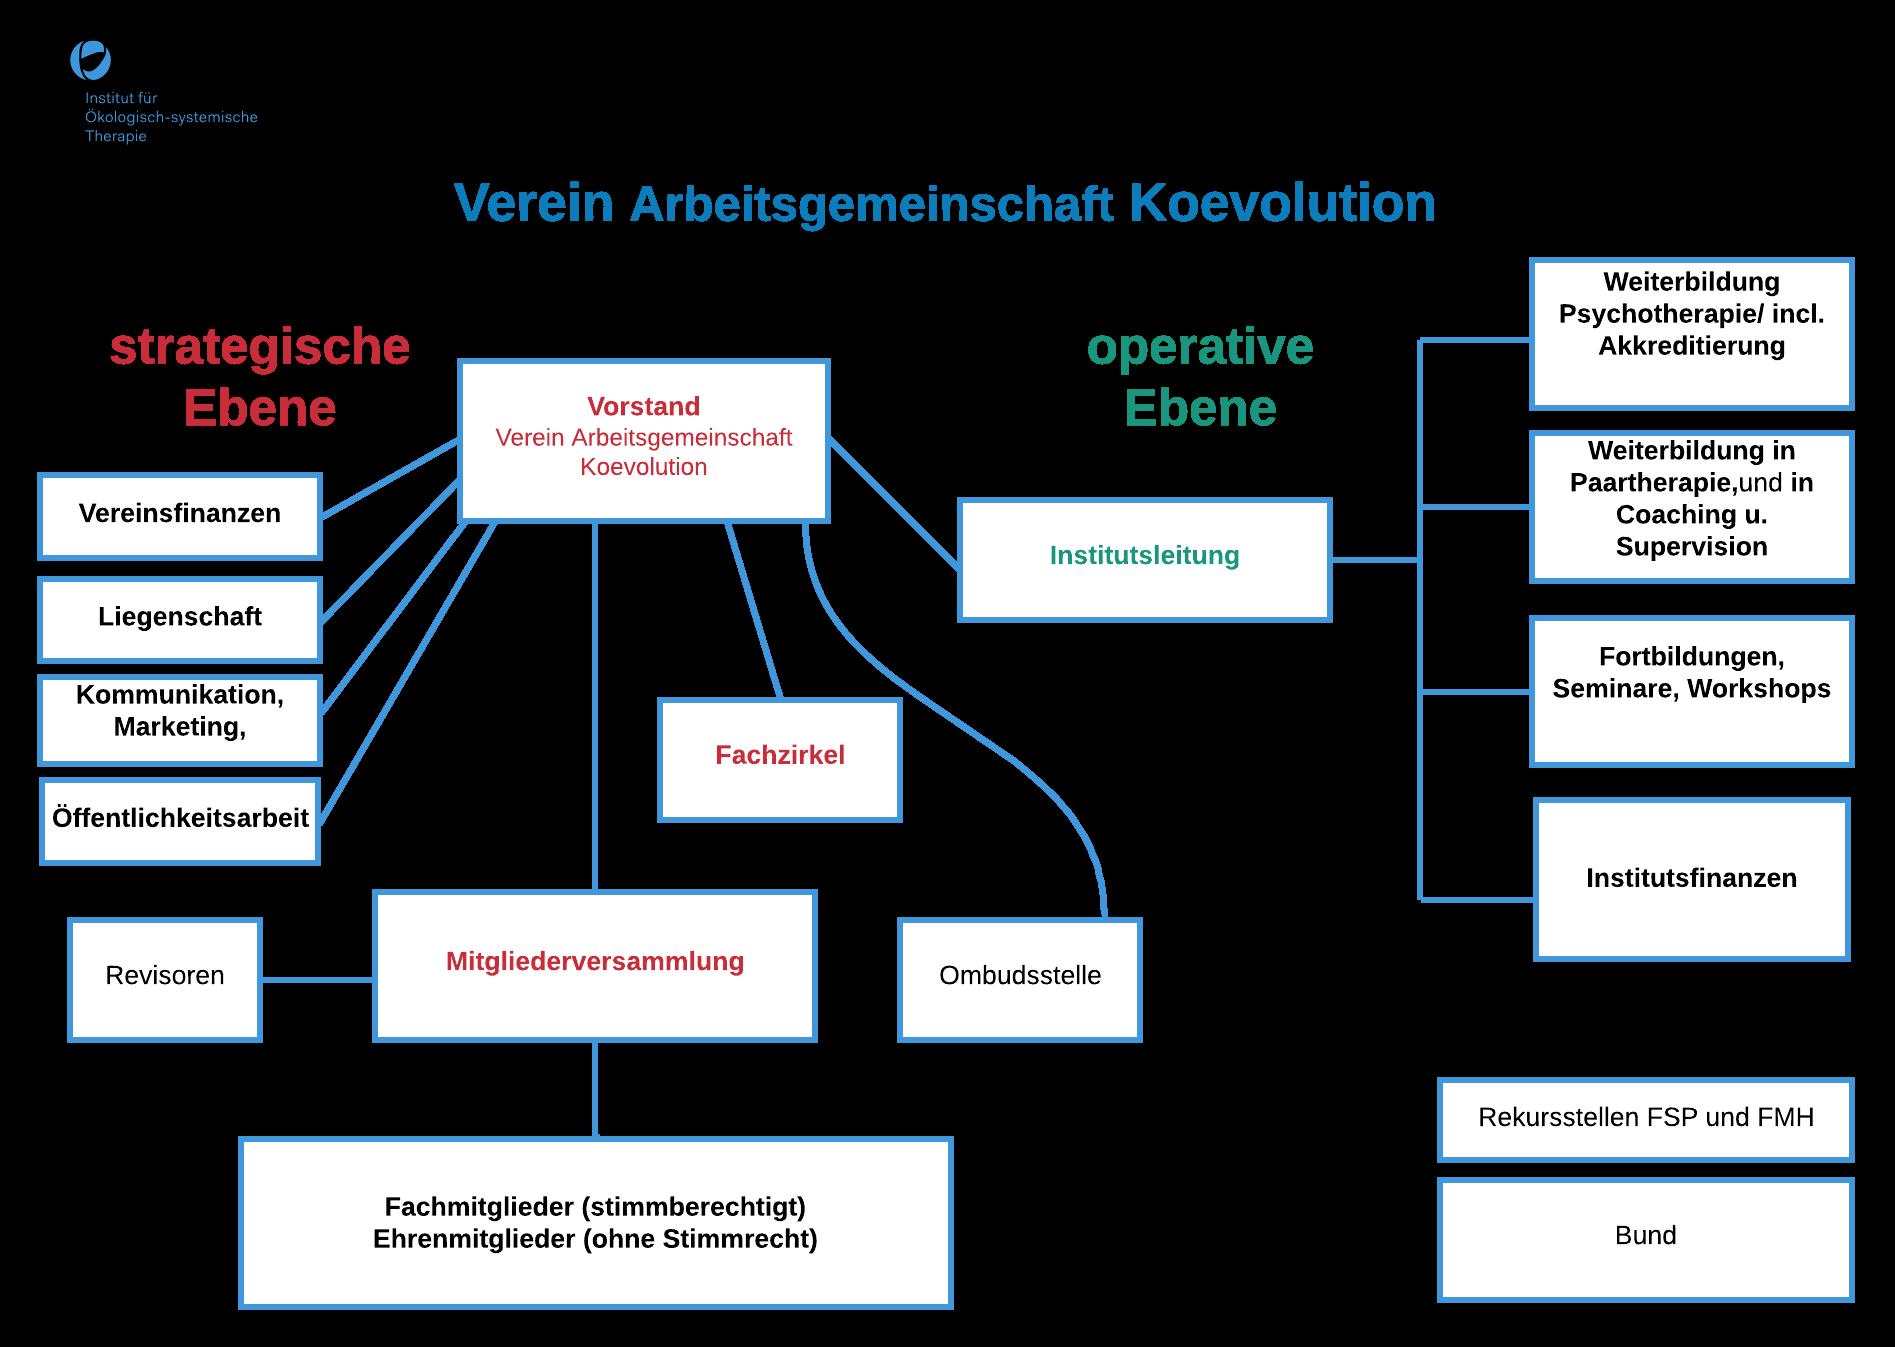 Ökologisch-systemische Therapie, Information